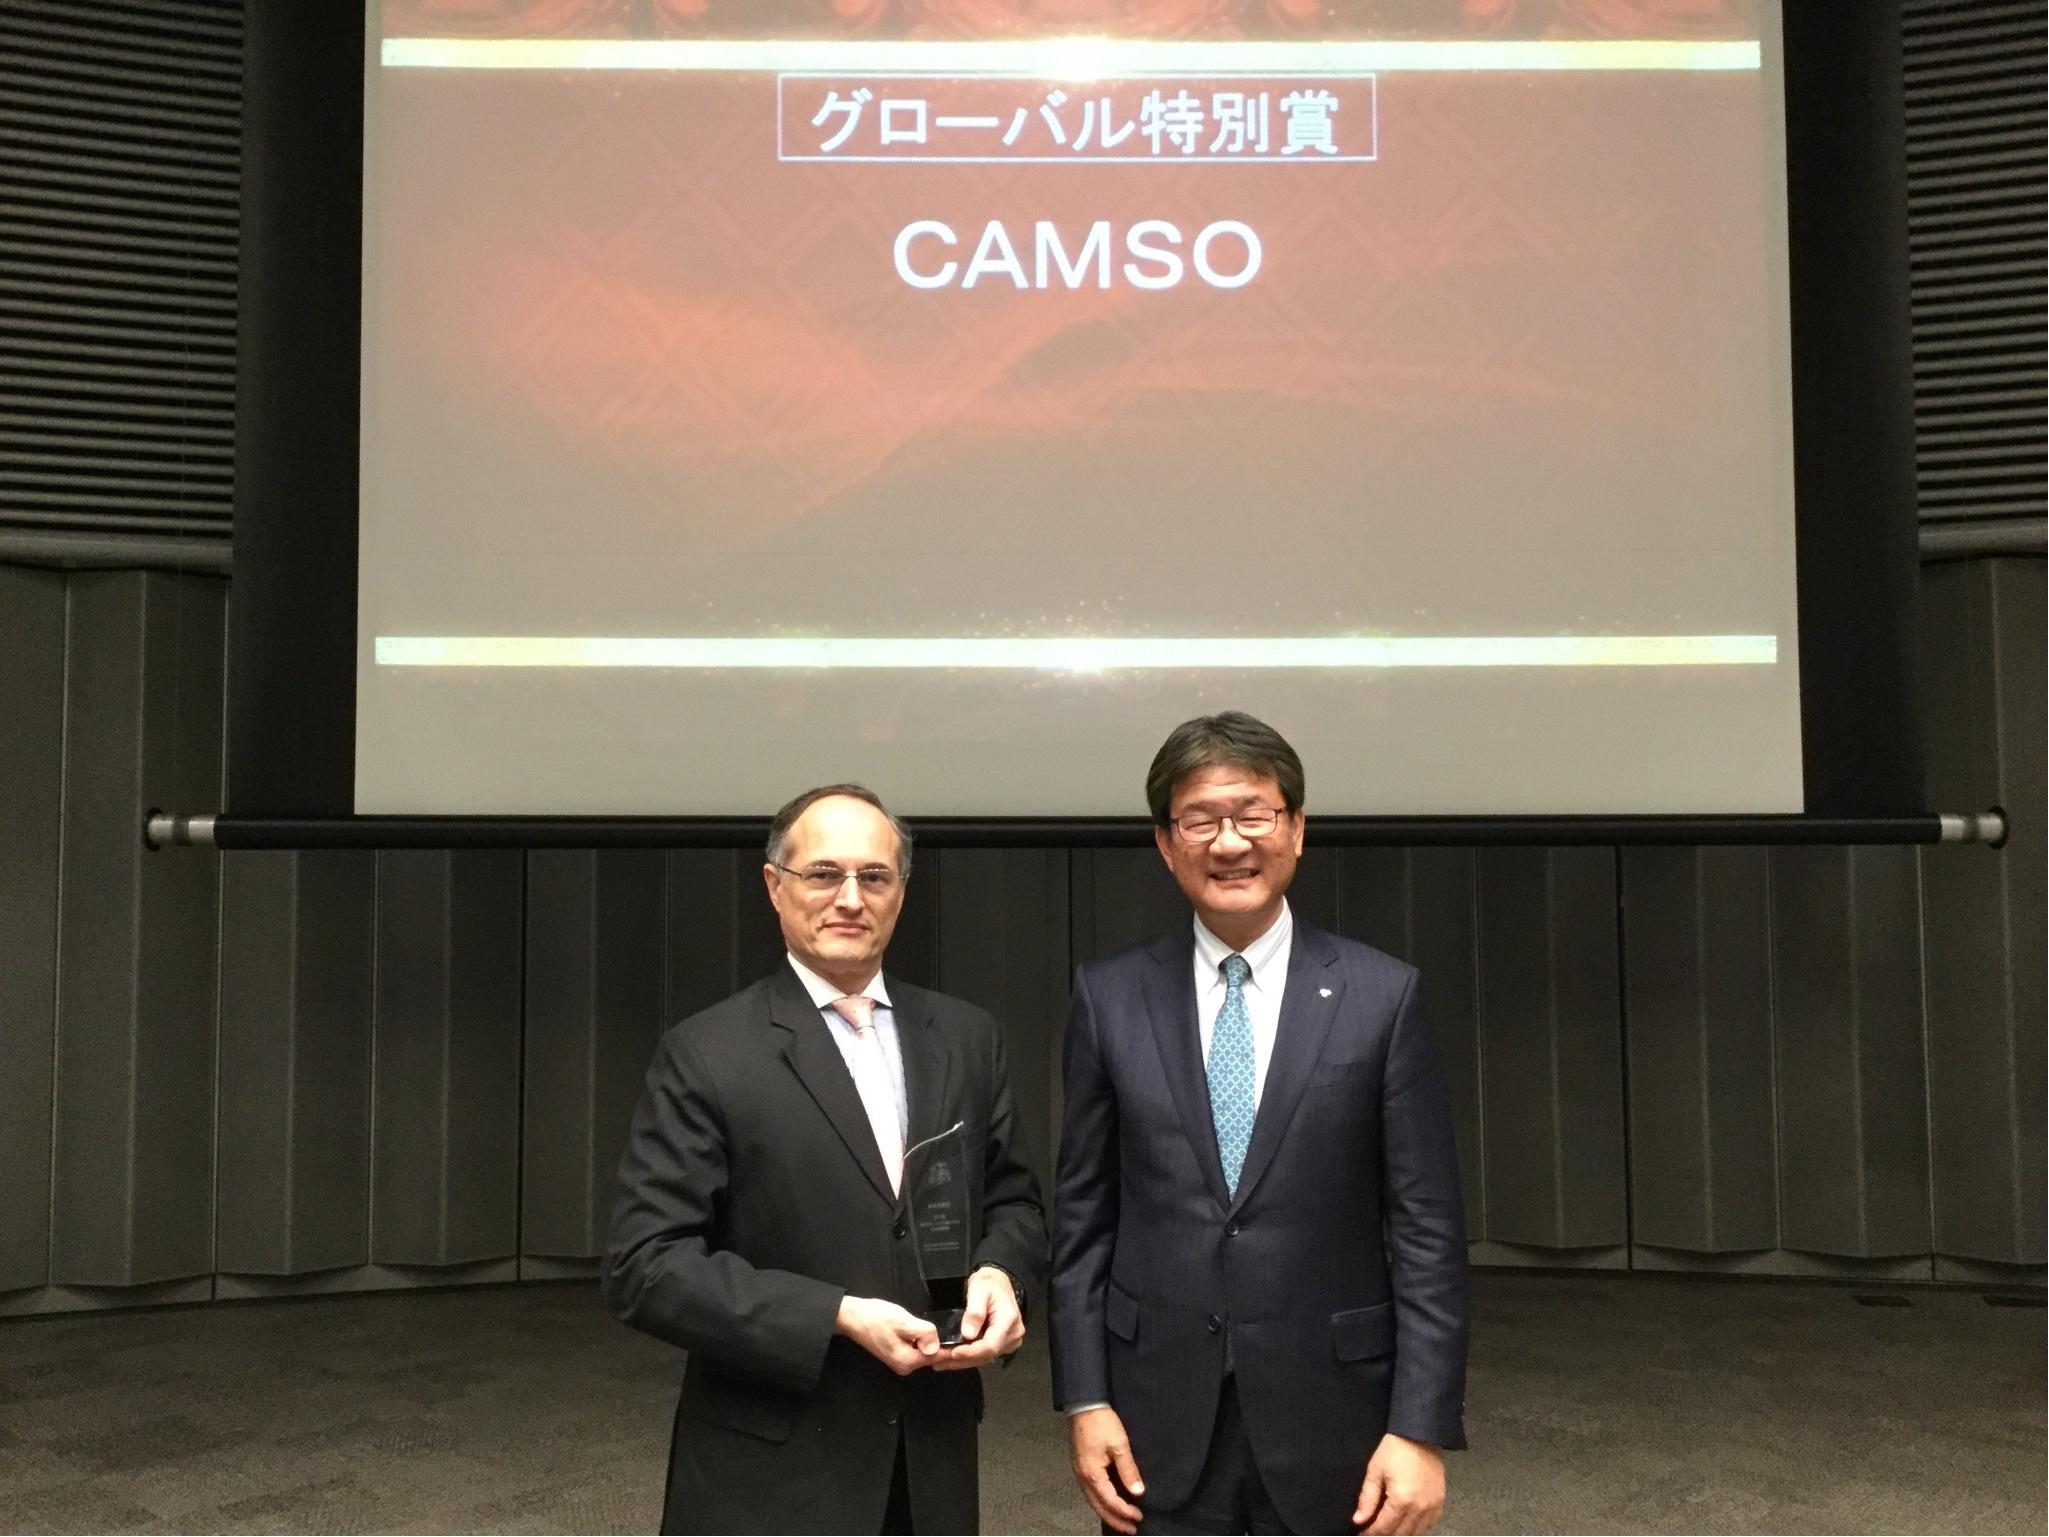 Toyota décerne deux prix importants à Camso à titre de partenaire clé